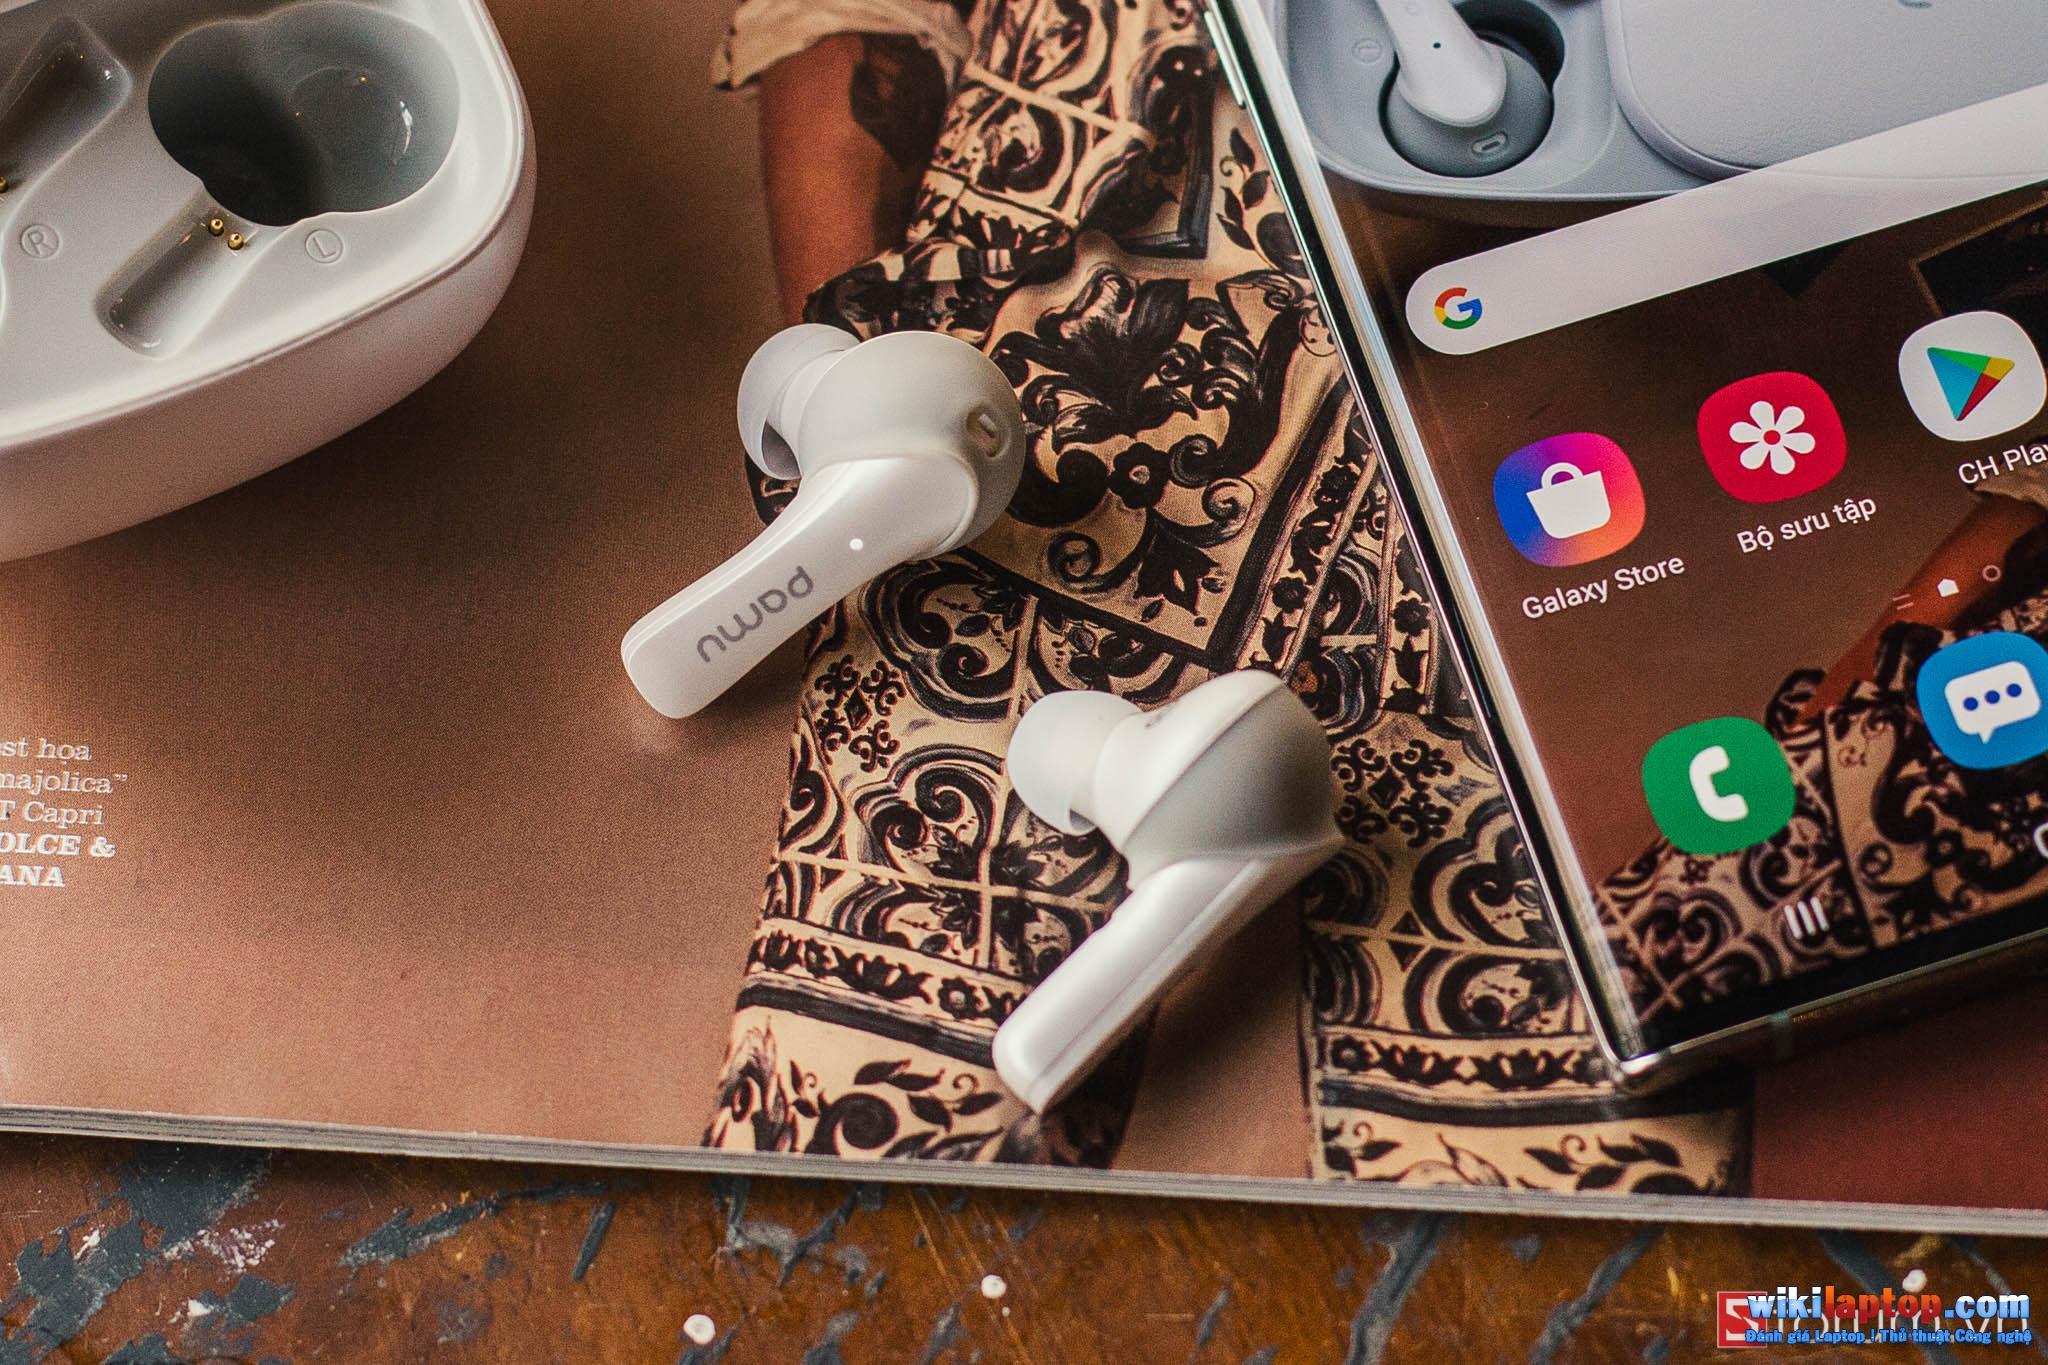 Sforum - Trang thông tin công nghệ mới nhất IMG_9770 Đánh giá về tai nghe Padmate không dây thực sự Pamu Slide Plus: Tên